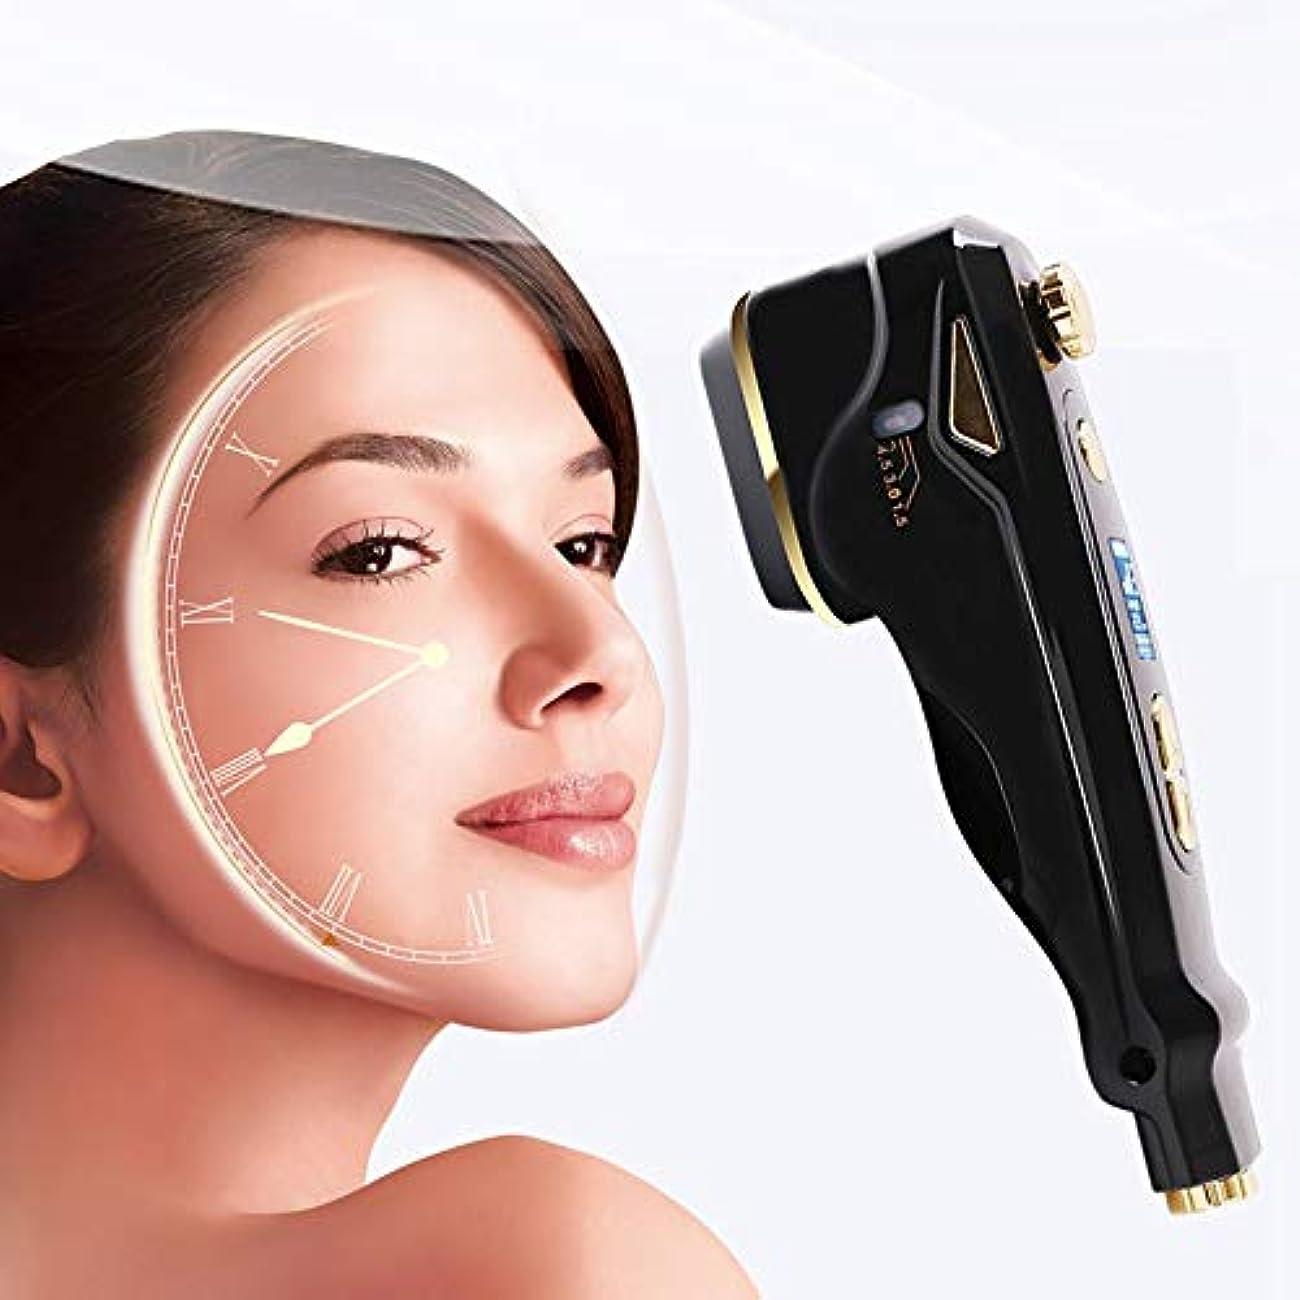 へこみバルクテスピアンそばかすを明るくするために使用されるフェイシャル美容機器、フェイシャルマッサージャー、ホームビューティーサロン、肌を引き締め、ダークサークルとアイバッグを暗くする